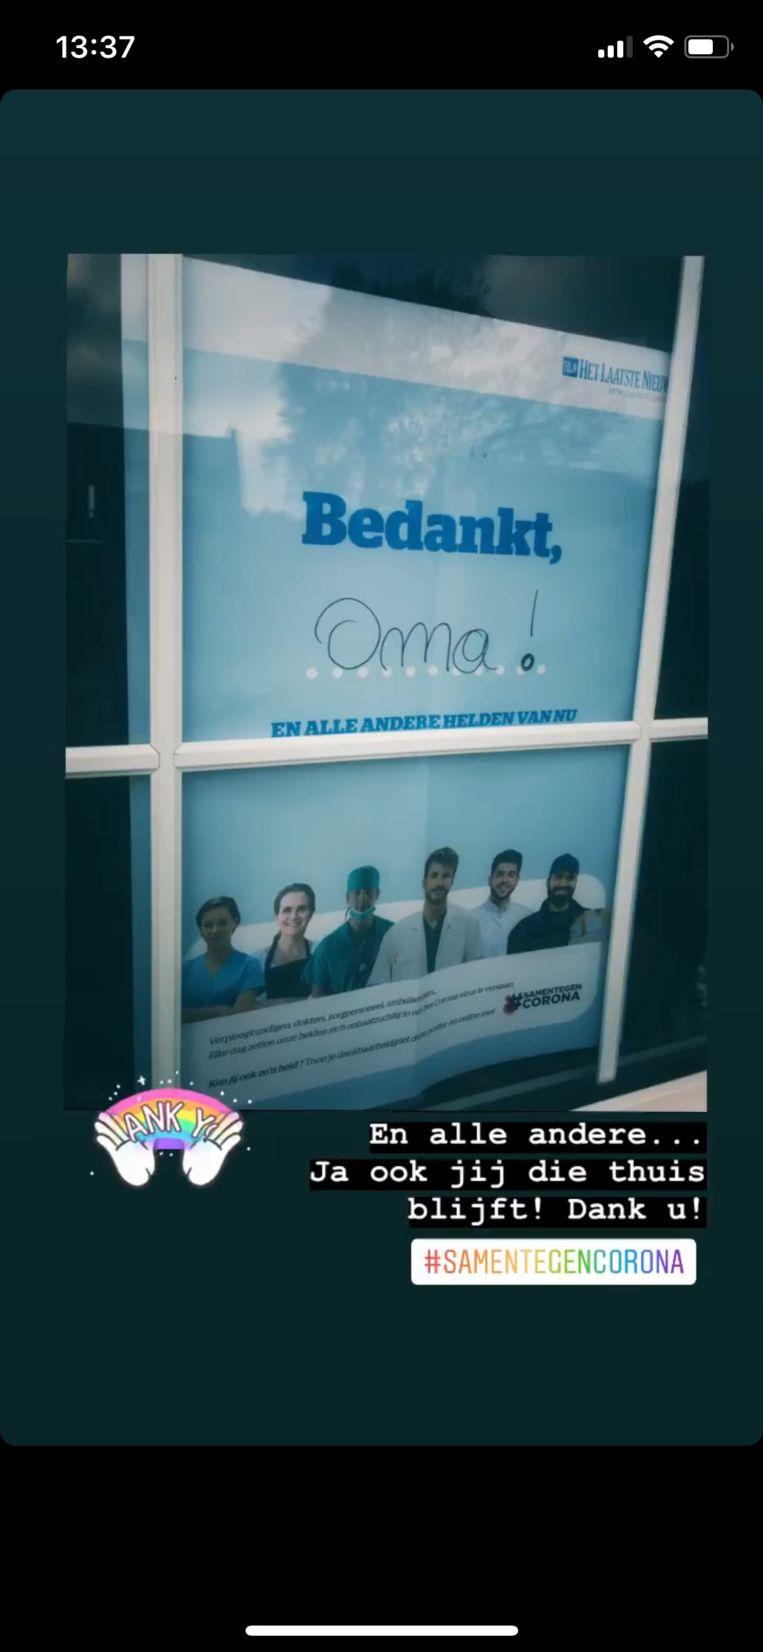 samentegencorona poster helden bedankt